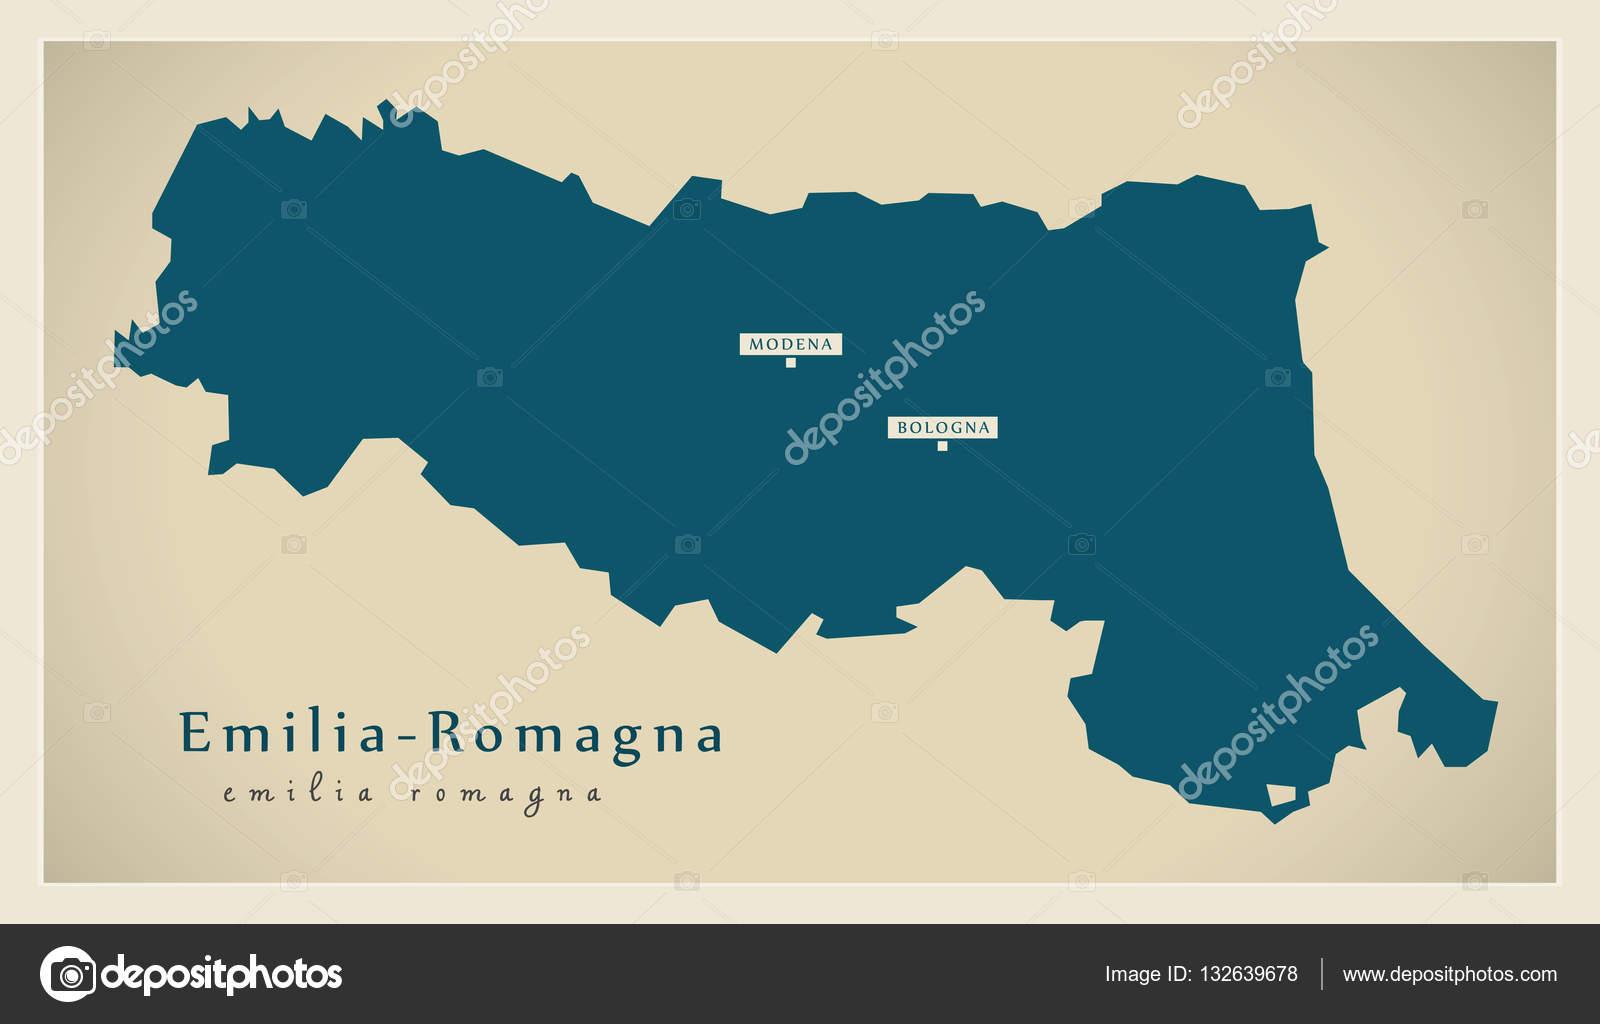 Emilia Romagna Cartina Dettagliata.Cartina Emilia Romagna Vettori Stock Immagini Disegni Cartina Emilia Romagna Grafica Vettoriale Da Depositphotos